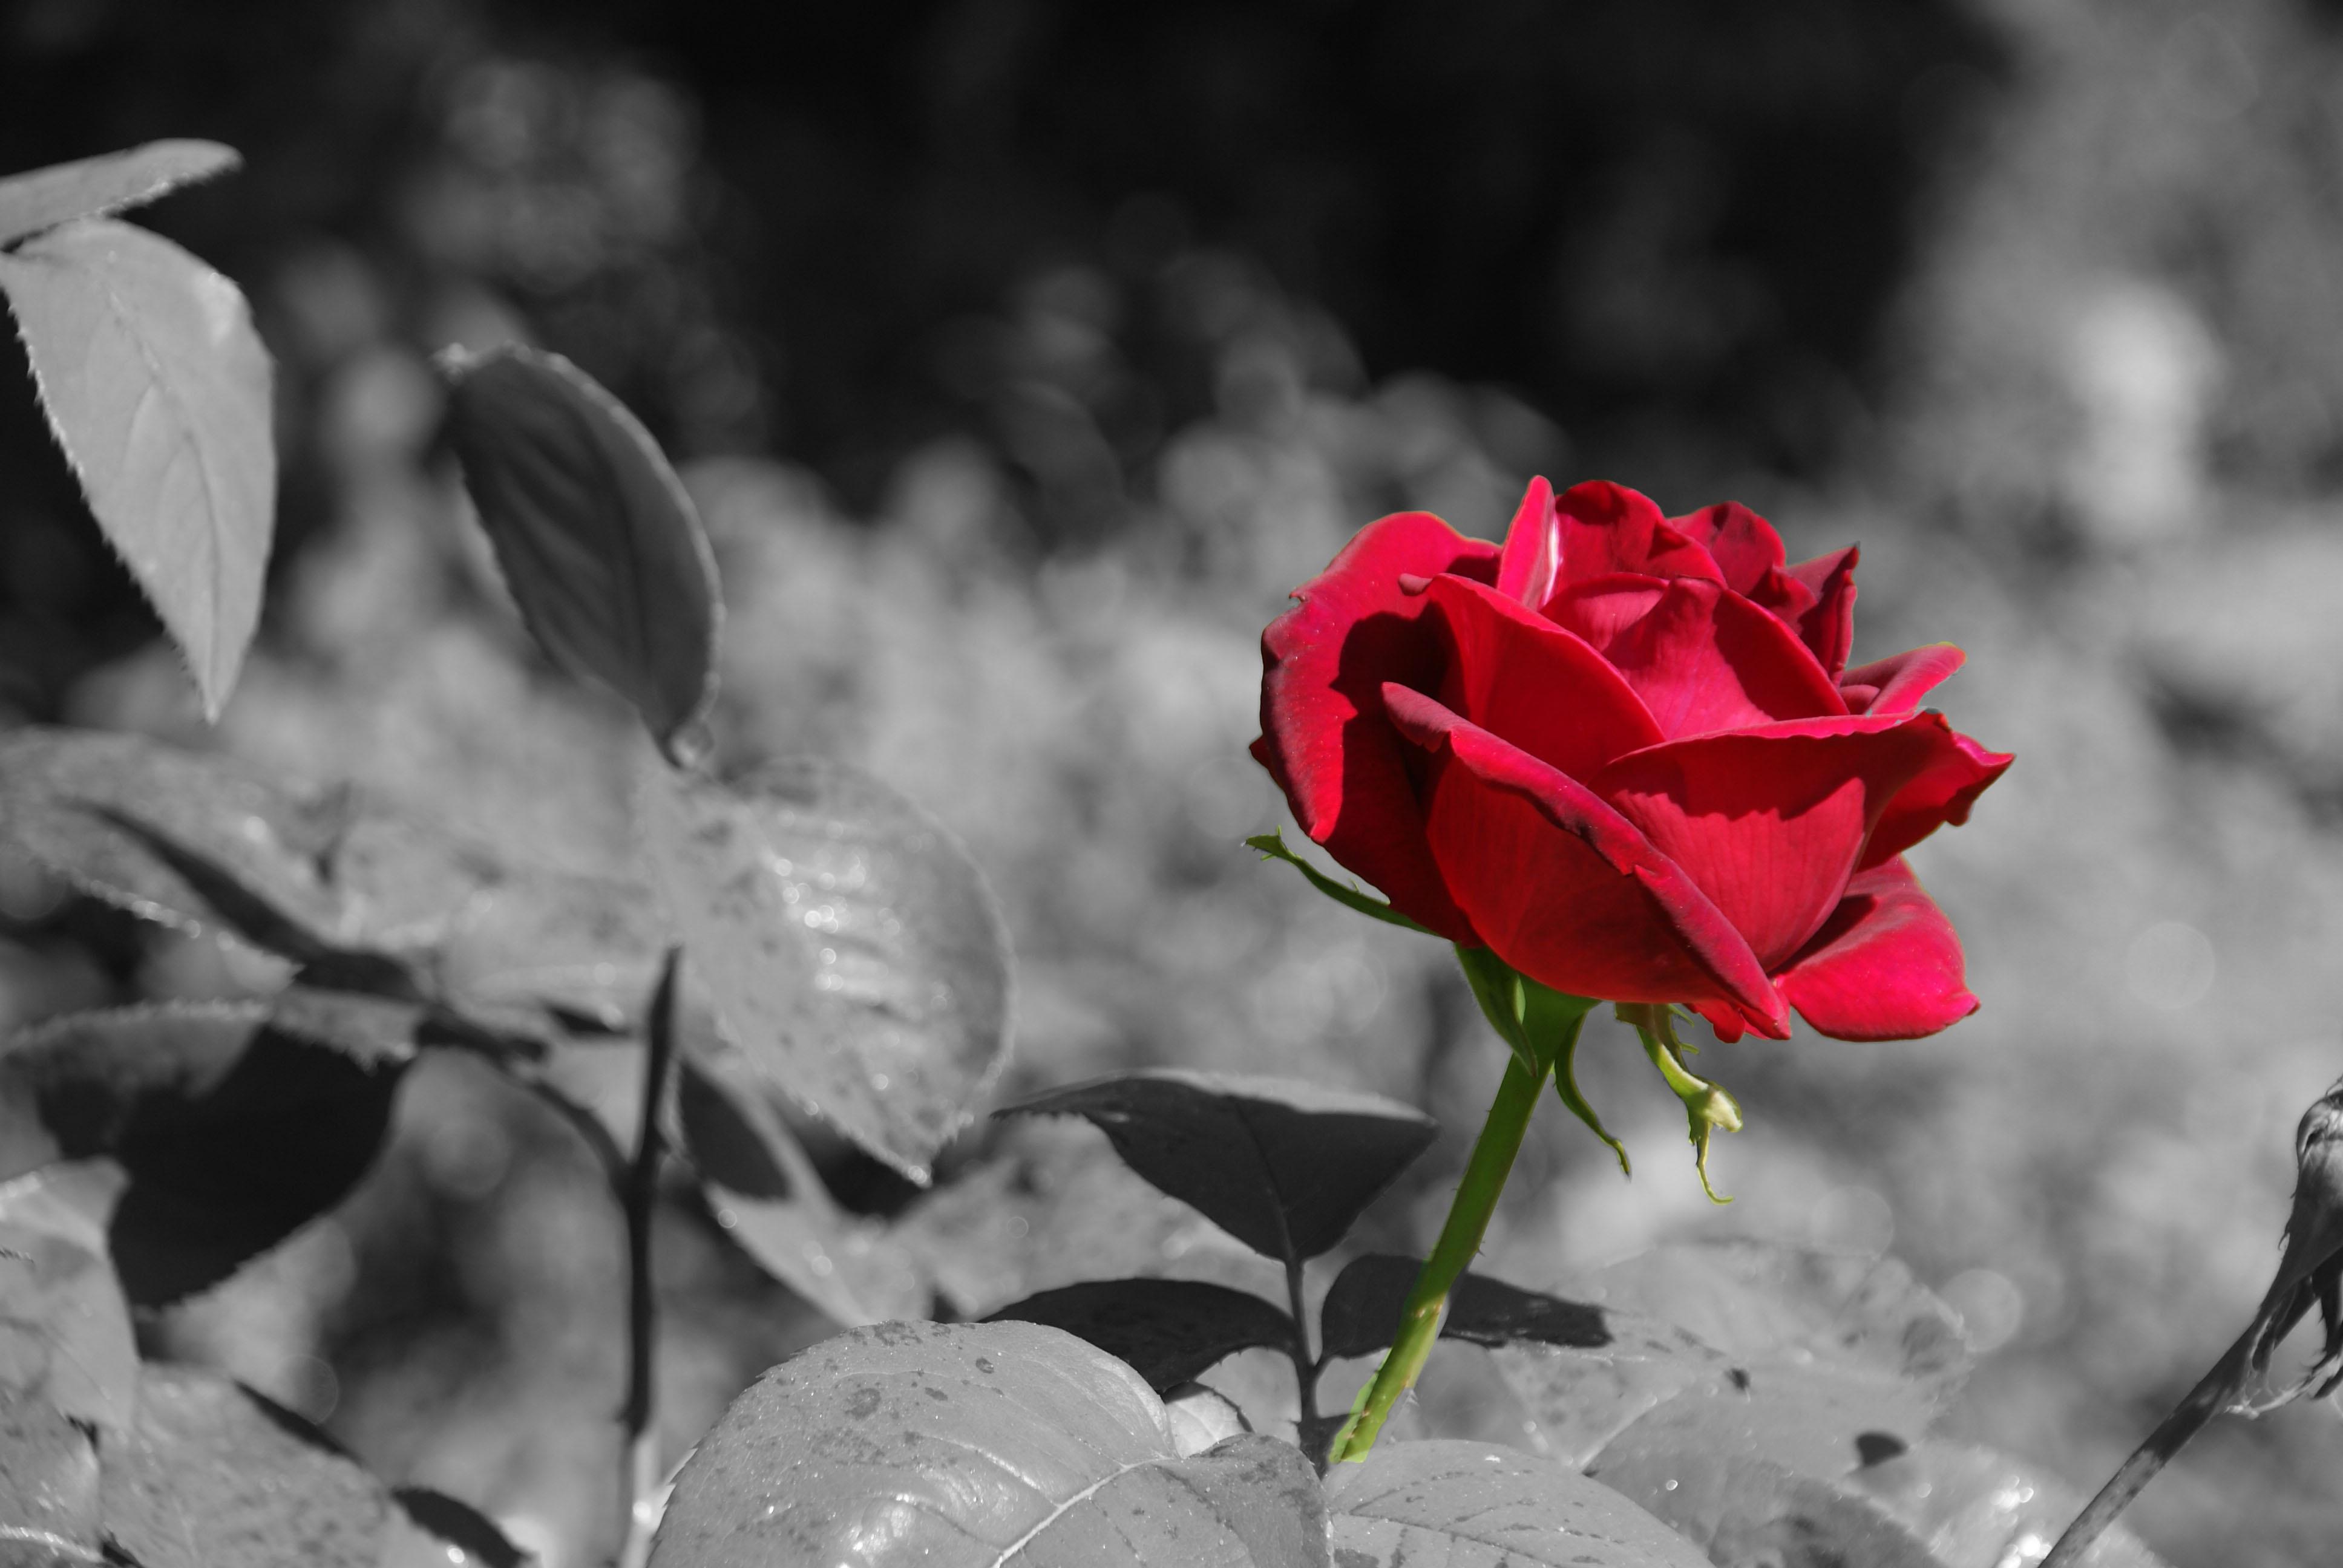 Fotos Gratis : Naturaleza, Flor, En Blanco Y Negro